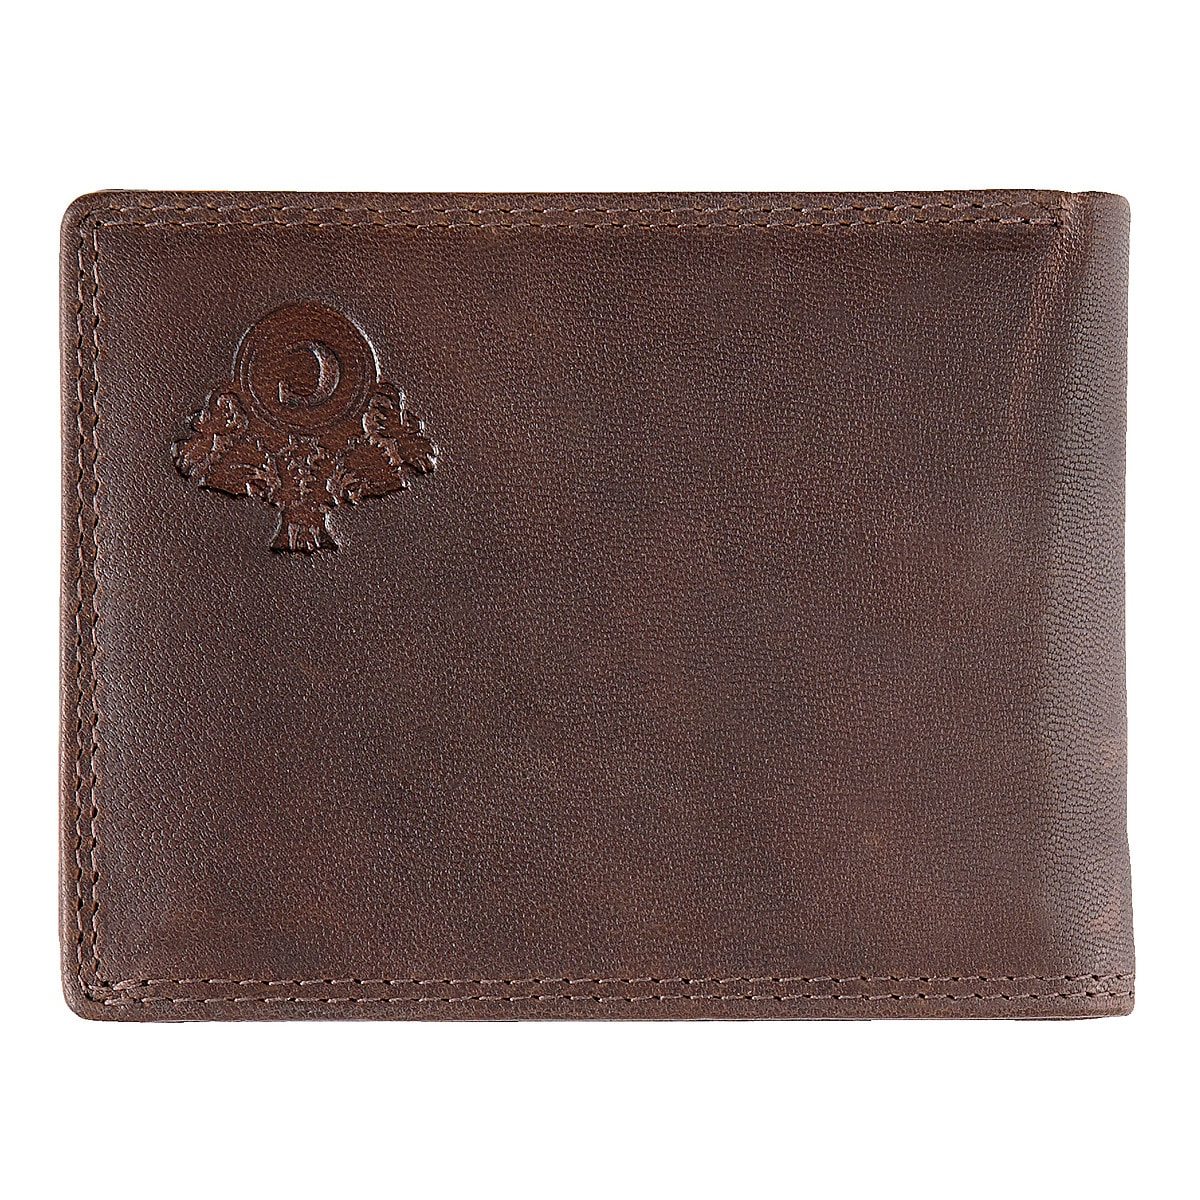 Luottokorttilompakko Cantoni.